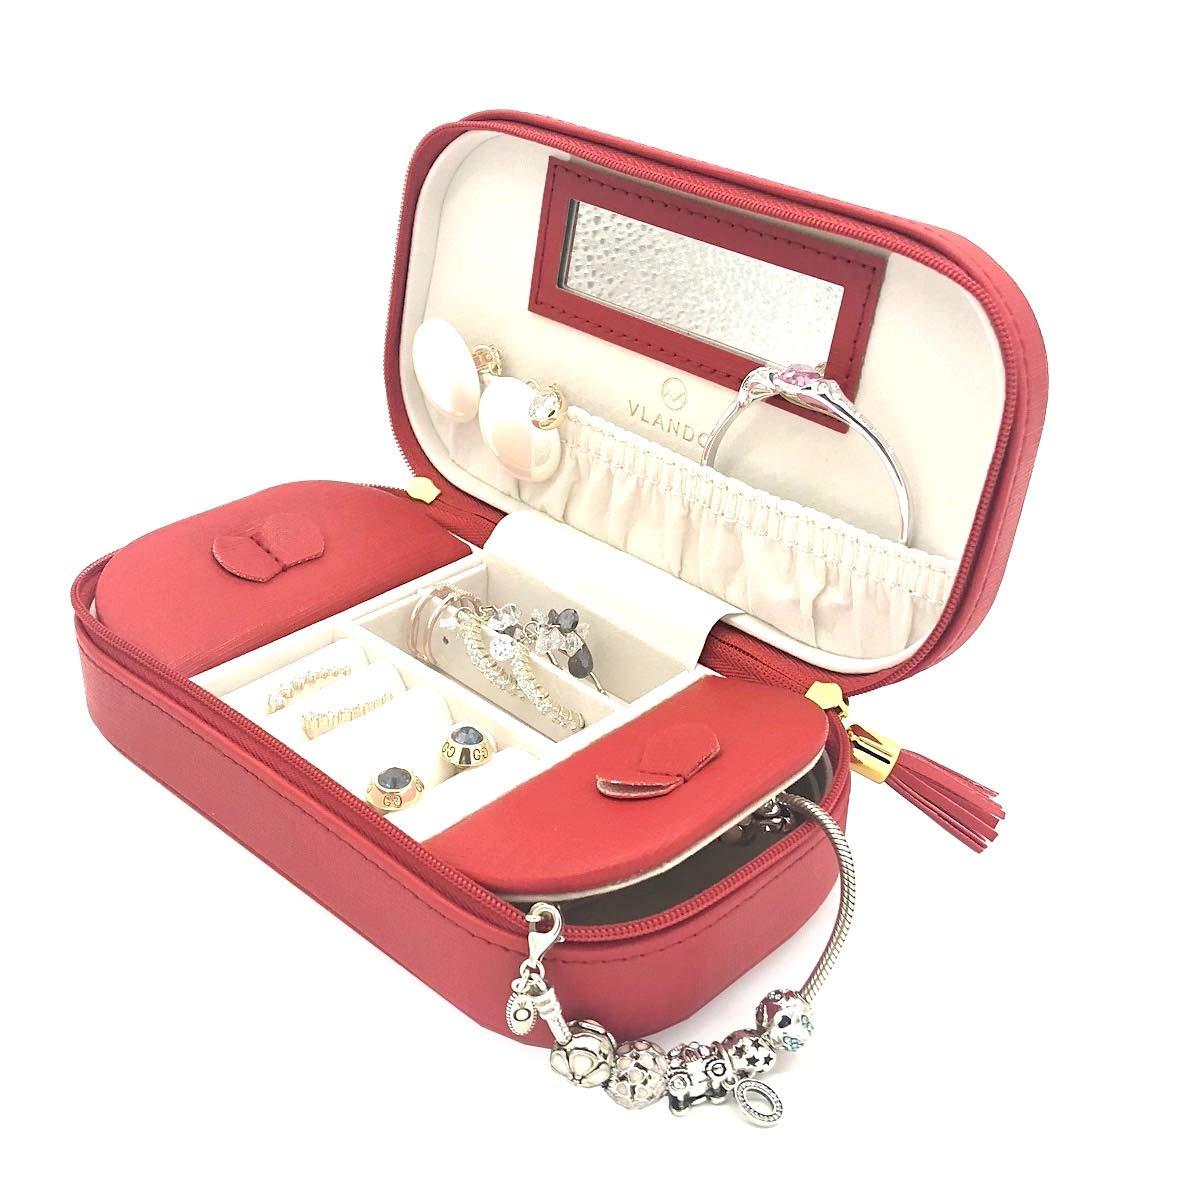 Vlando, piccola scatola portagioielli, in finta pelle con nappa, colore rosa Black